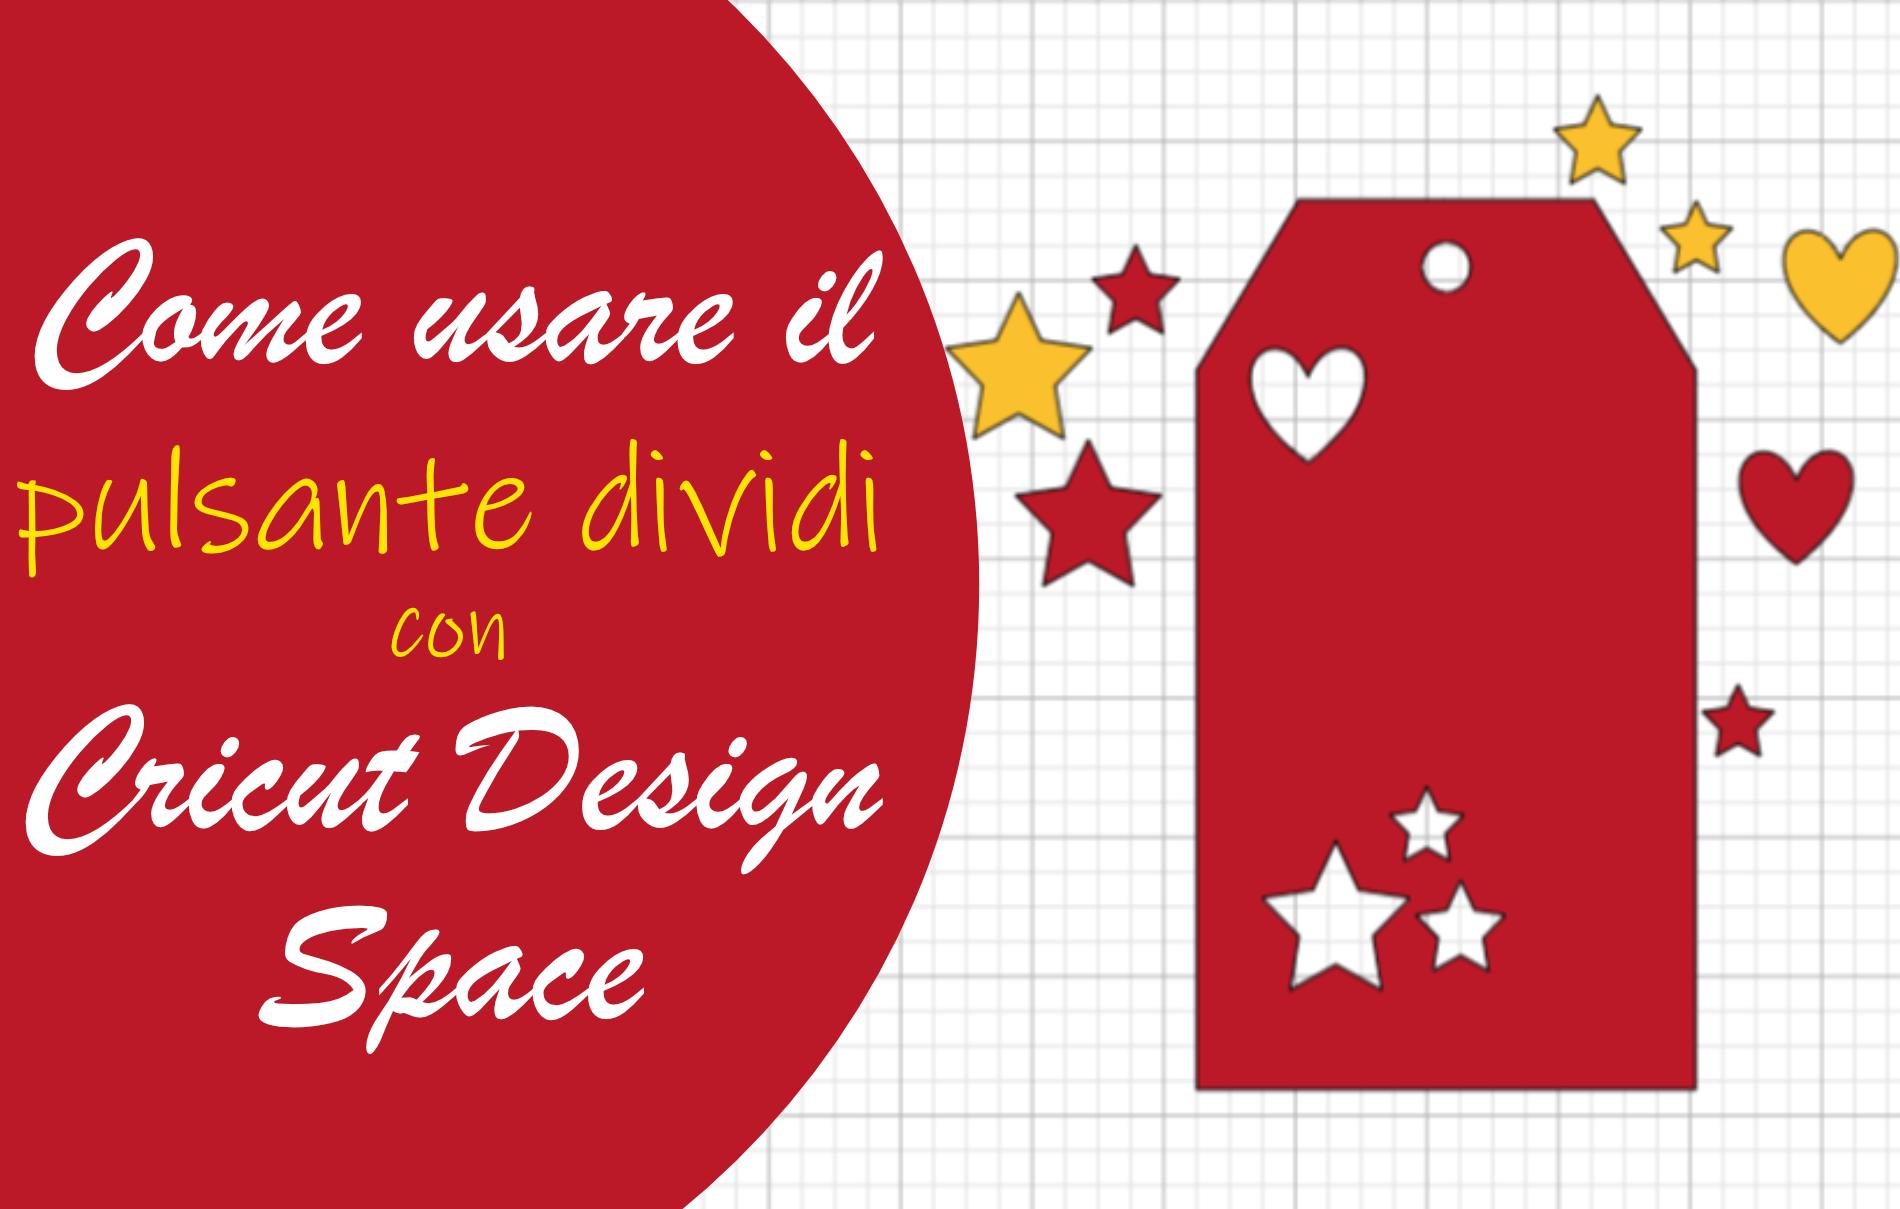 Pulsante Dividi Cricut Design Space